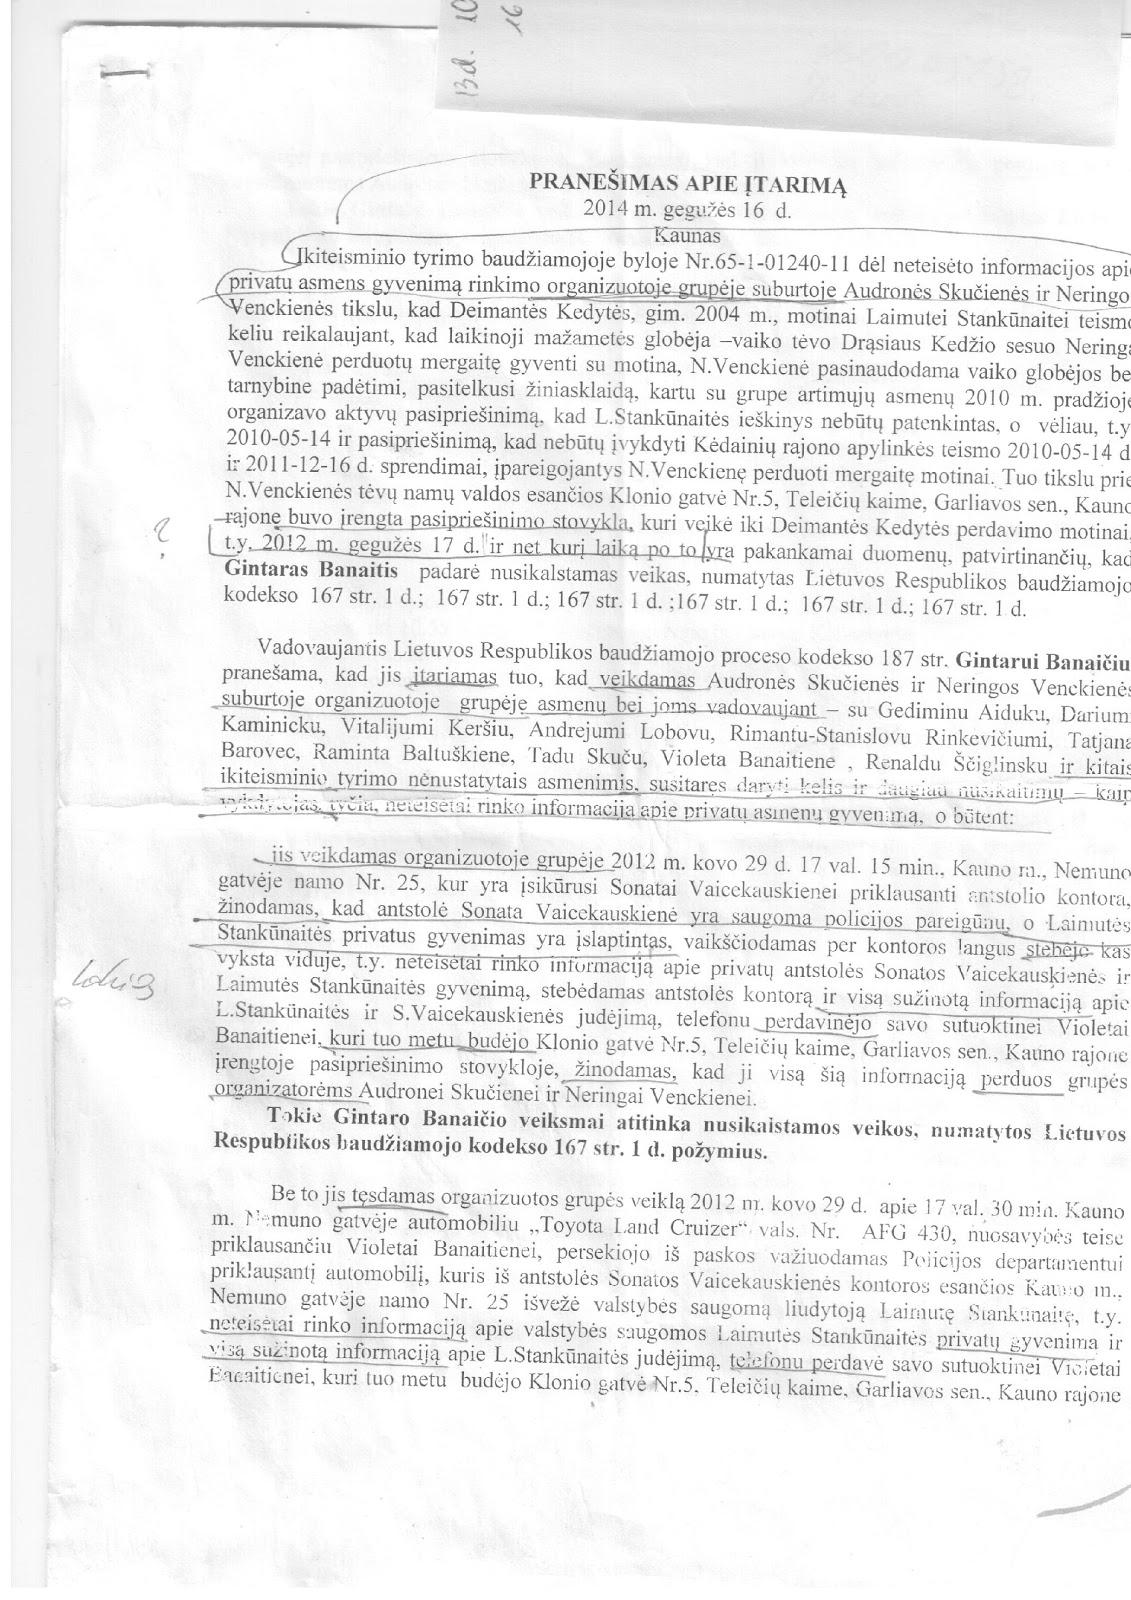 Pateikiami įrodymai, kaip prokuratūra suklastojo Garliavos gynėjų bylą